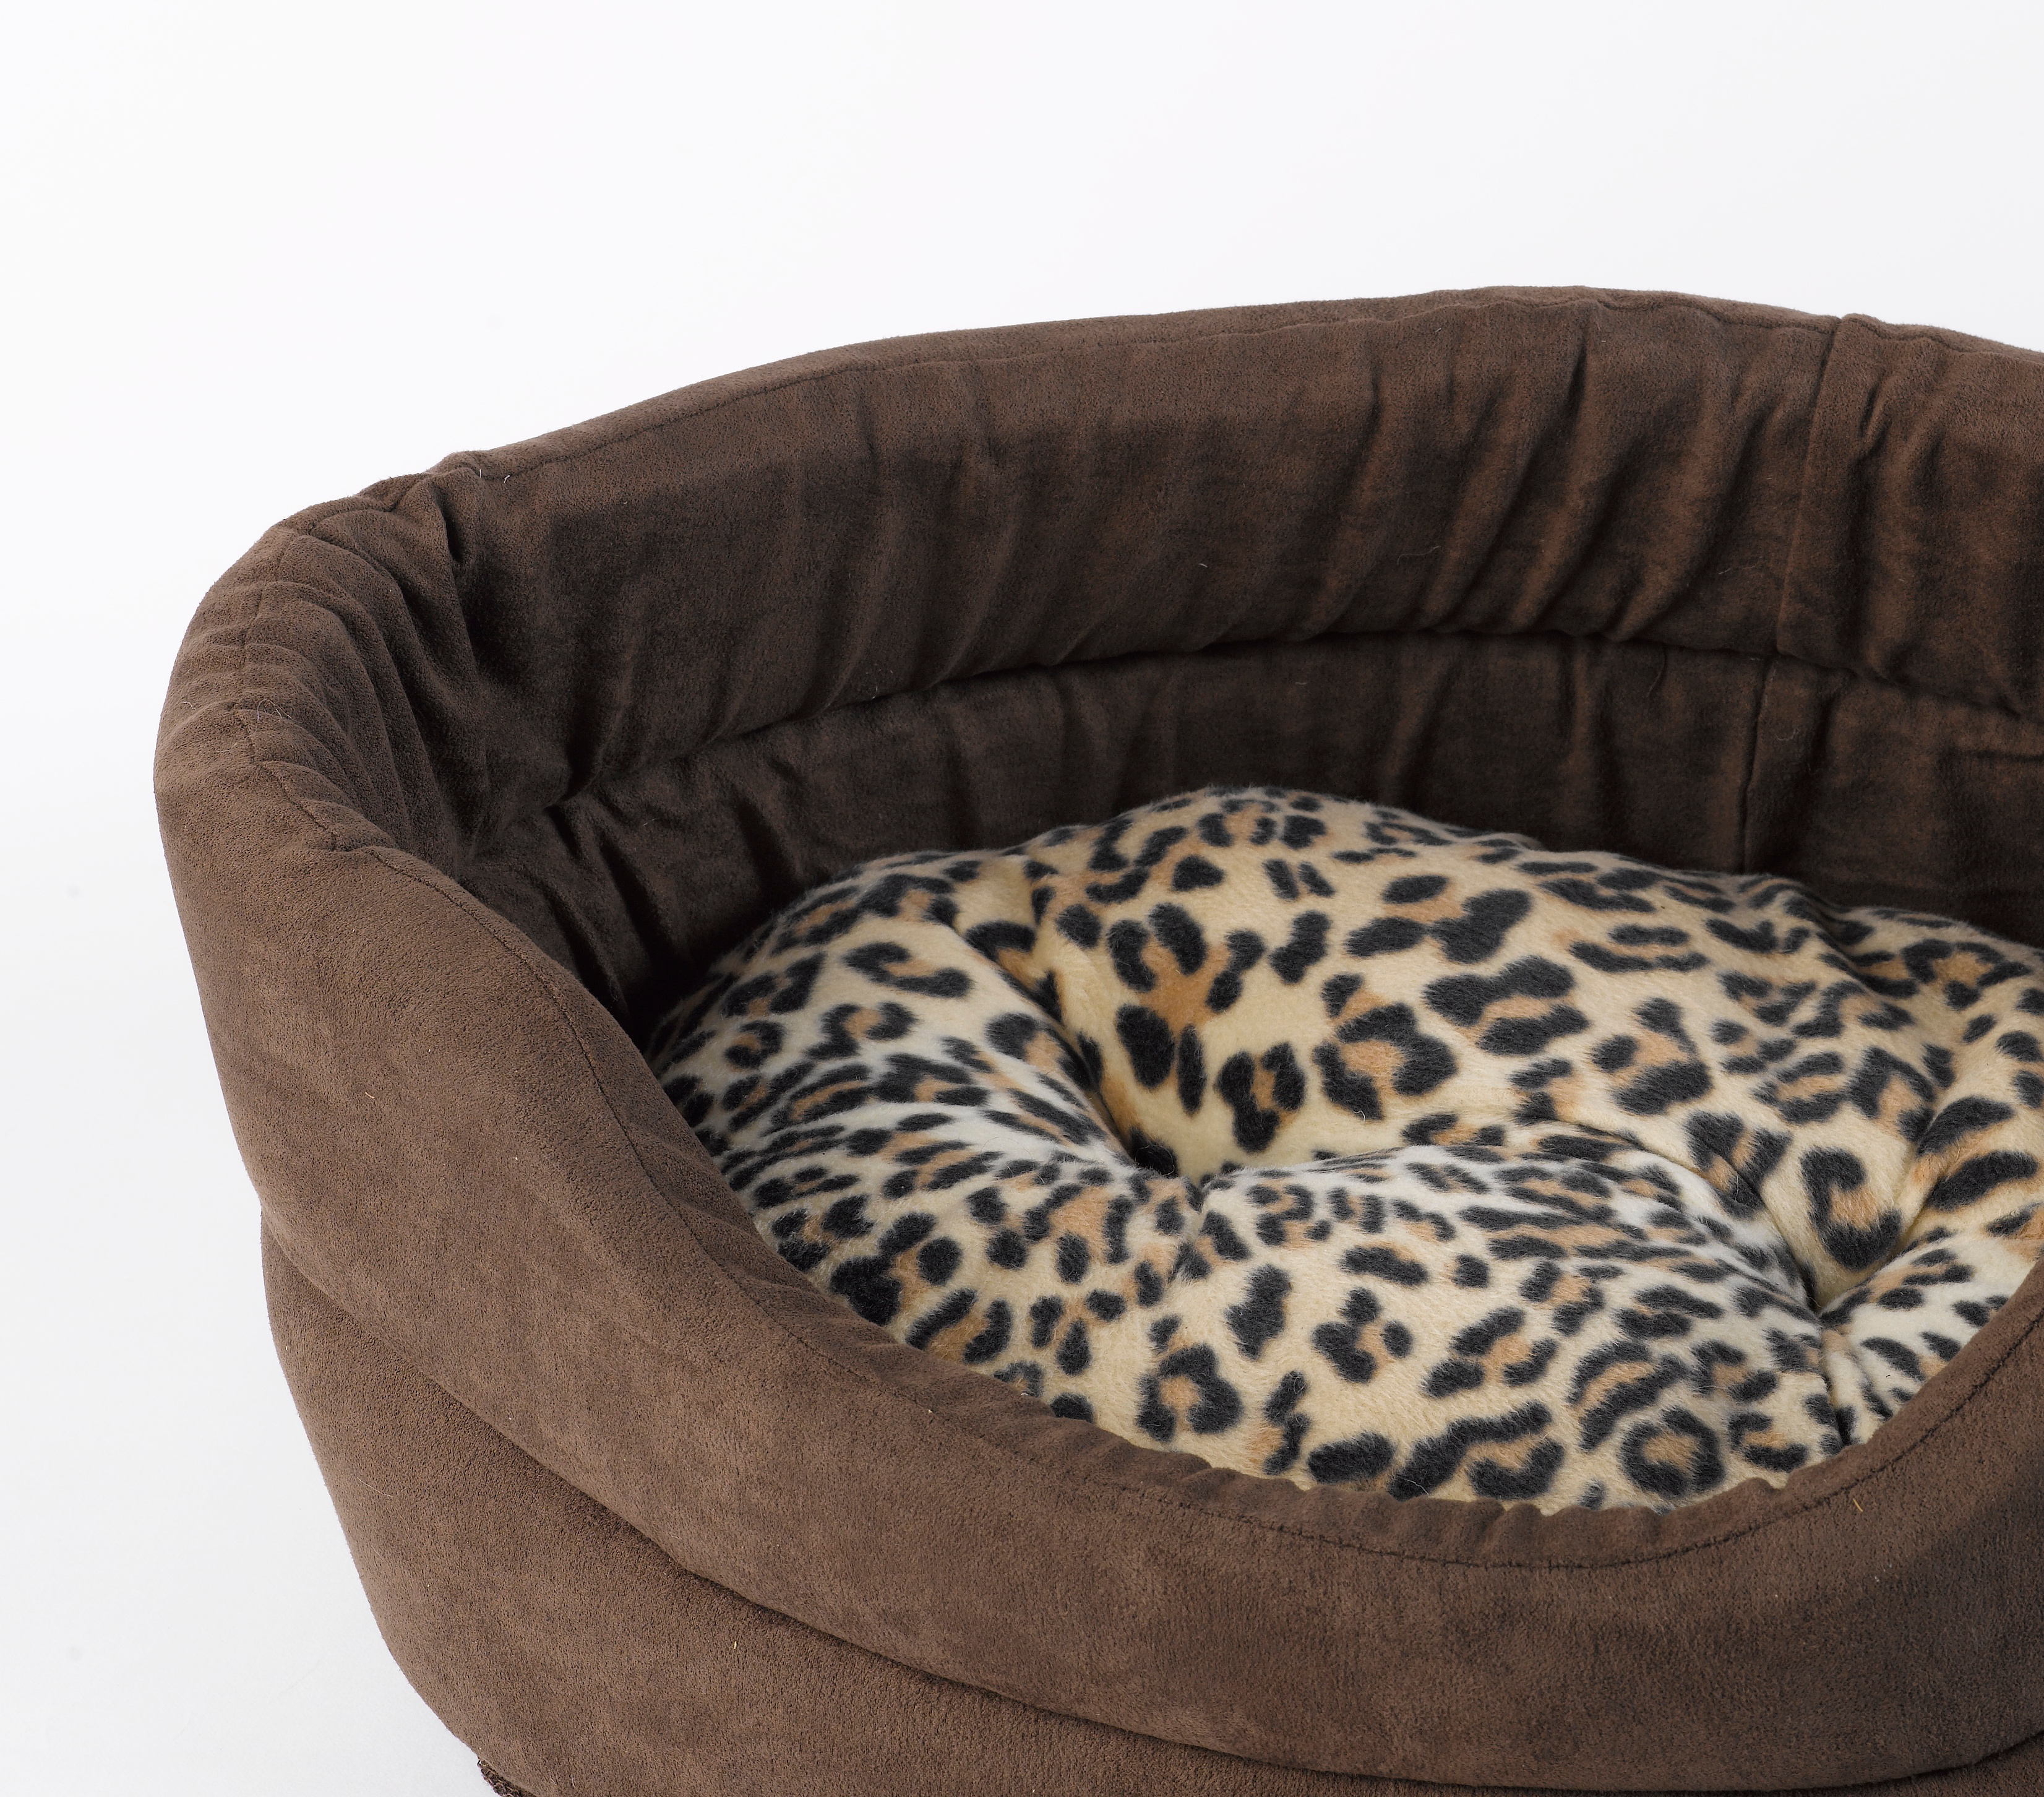 weich kunstwildleder katze bett mollies hund leopard. Black Bedroom Furniture Sets. Home Design Ideas